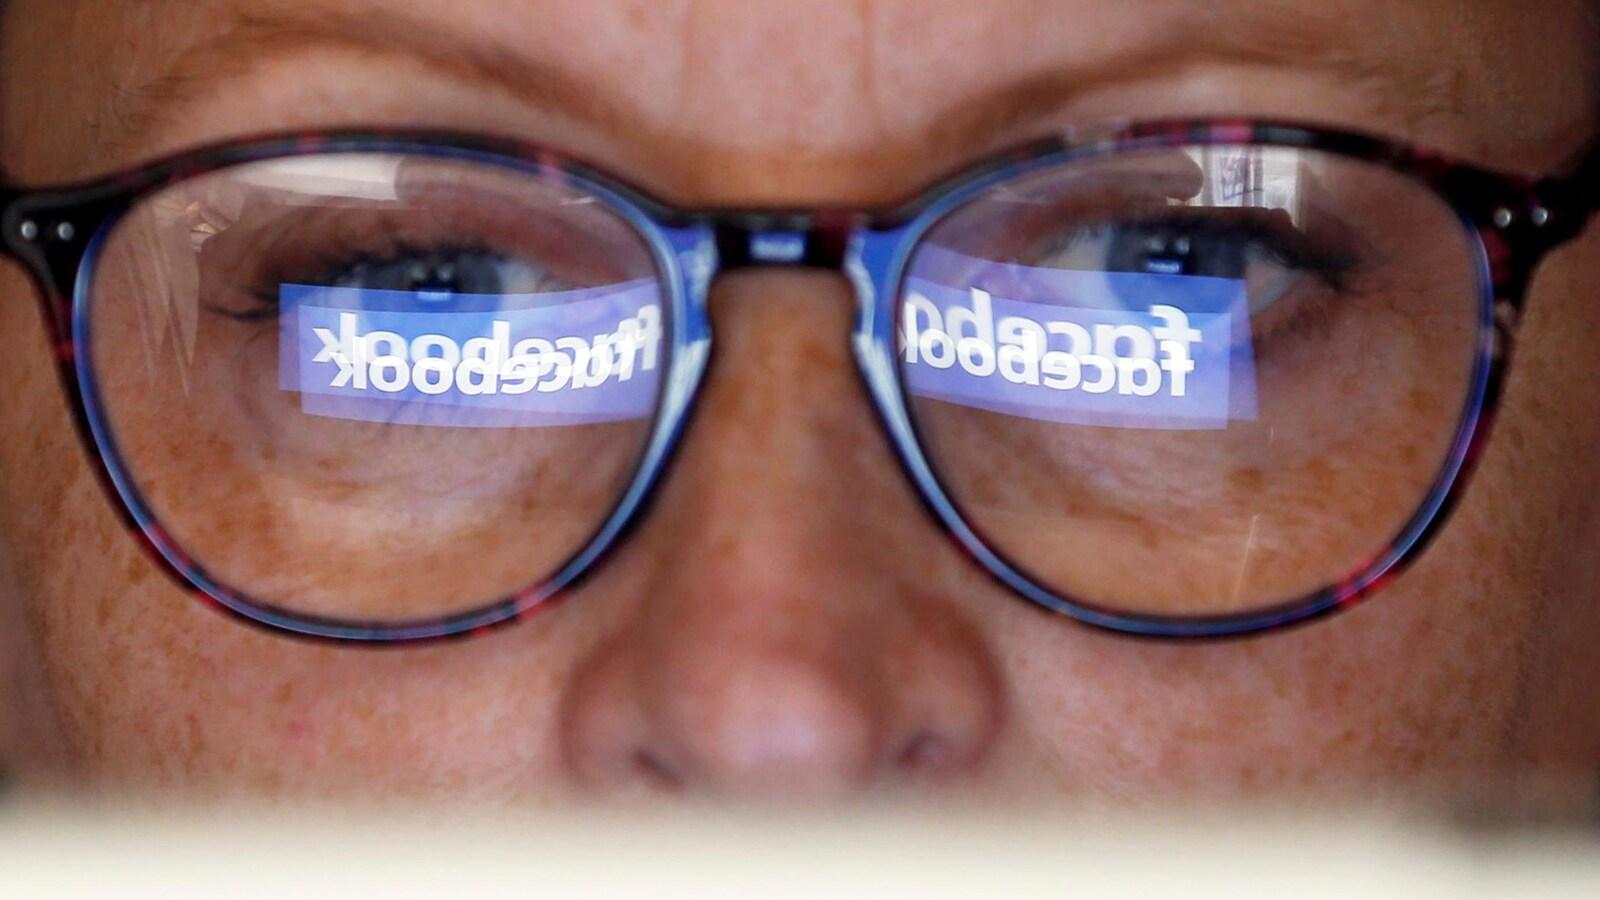 Le reflet du logo de Facebook sur les lunettes d'une femme.